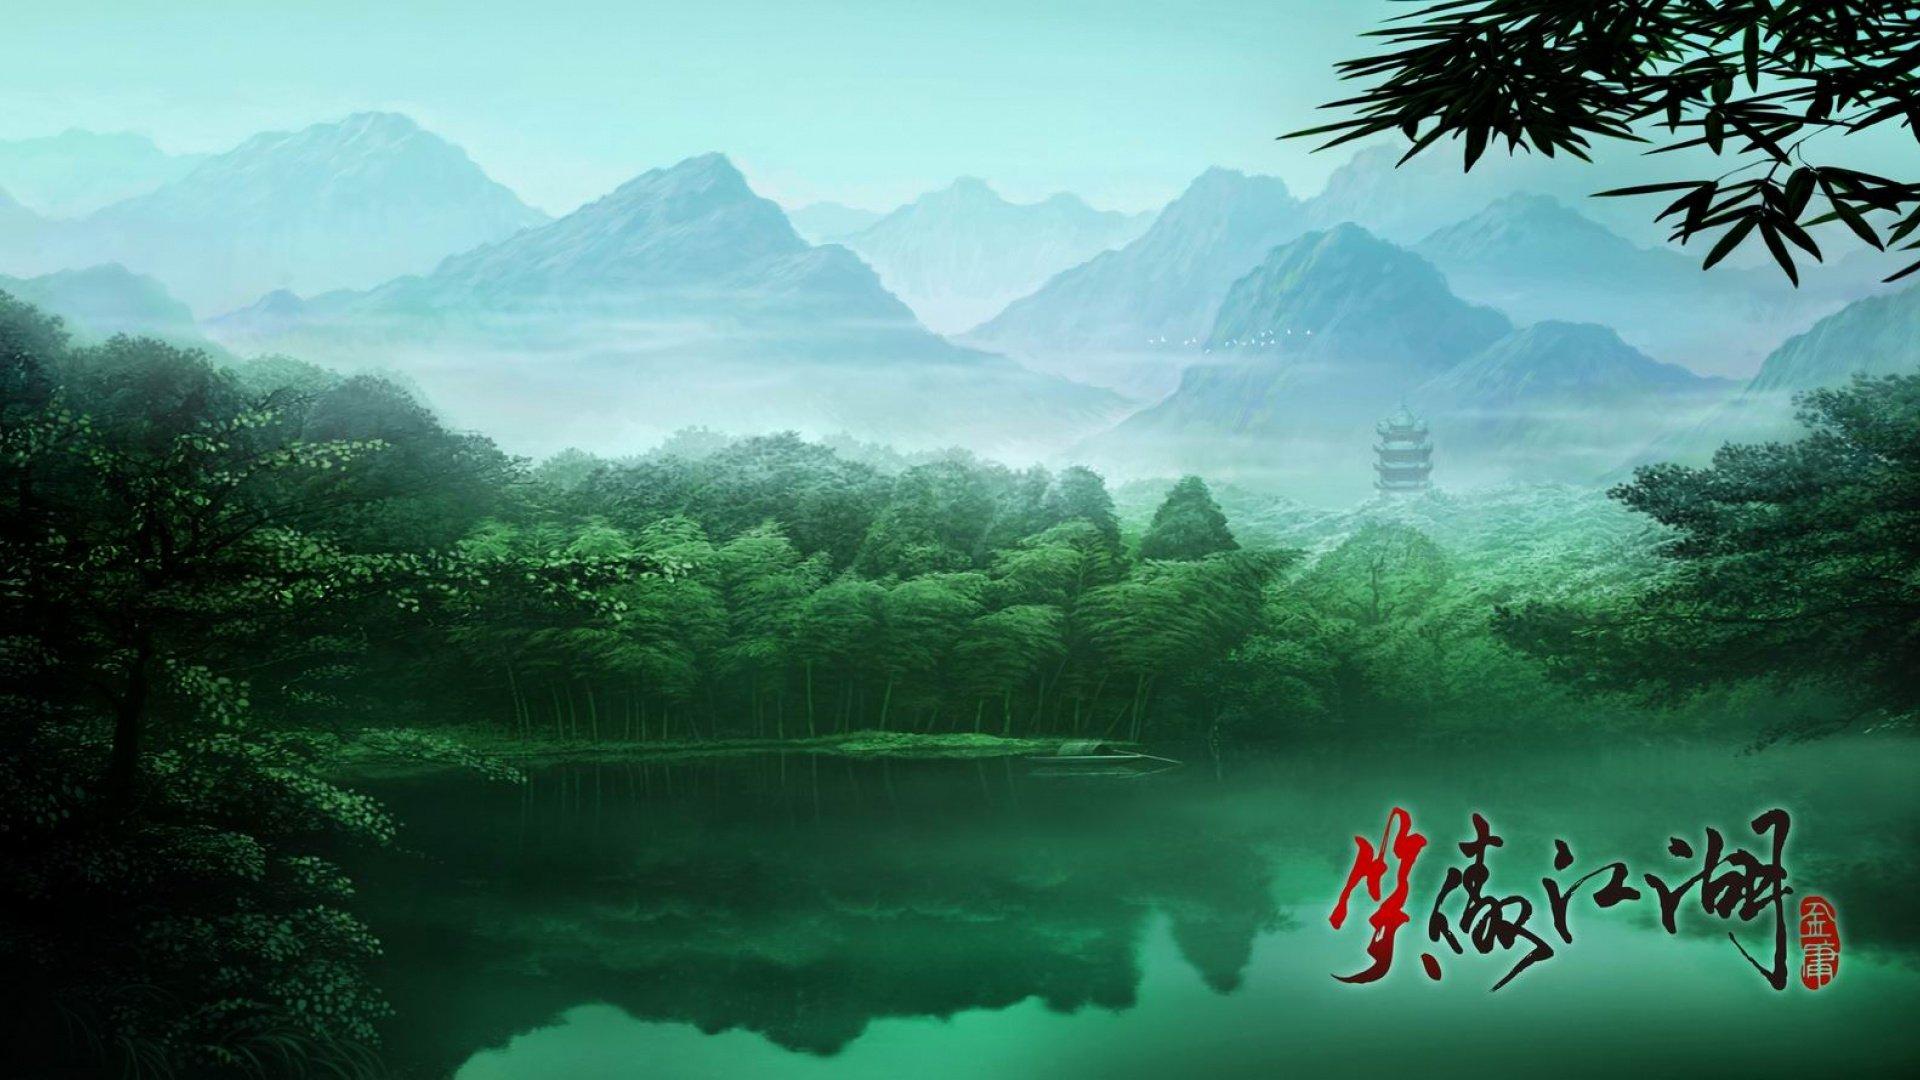 android安卓笑傲江湖 游戏 宽屏高清手机壁纸免费下载